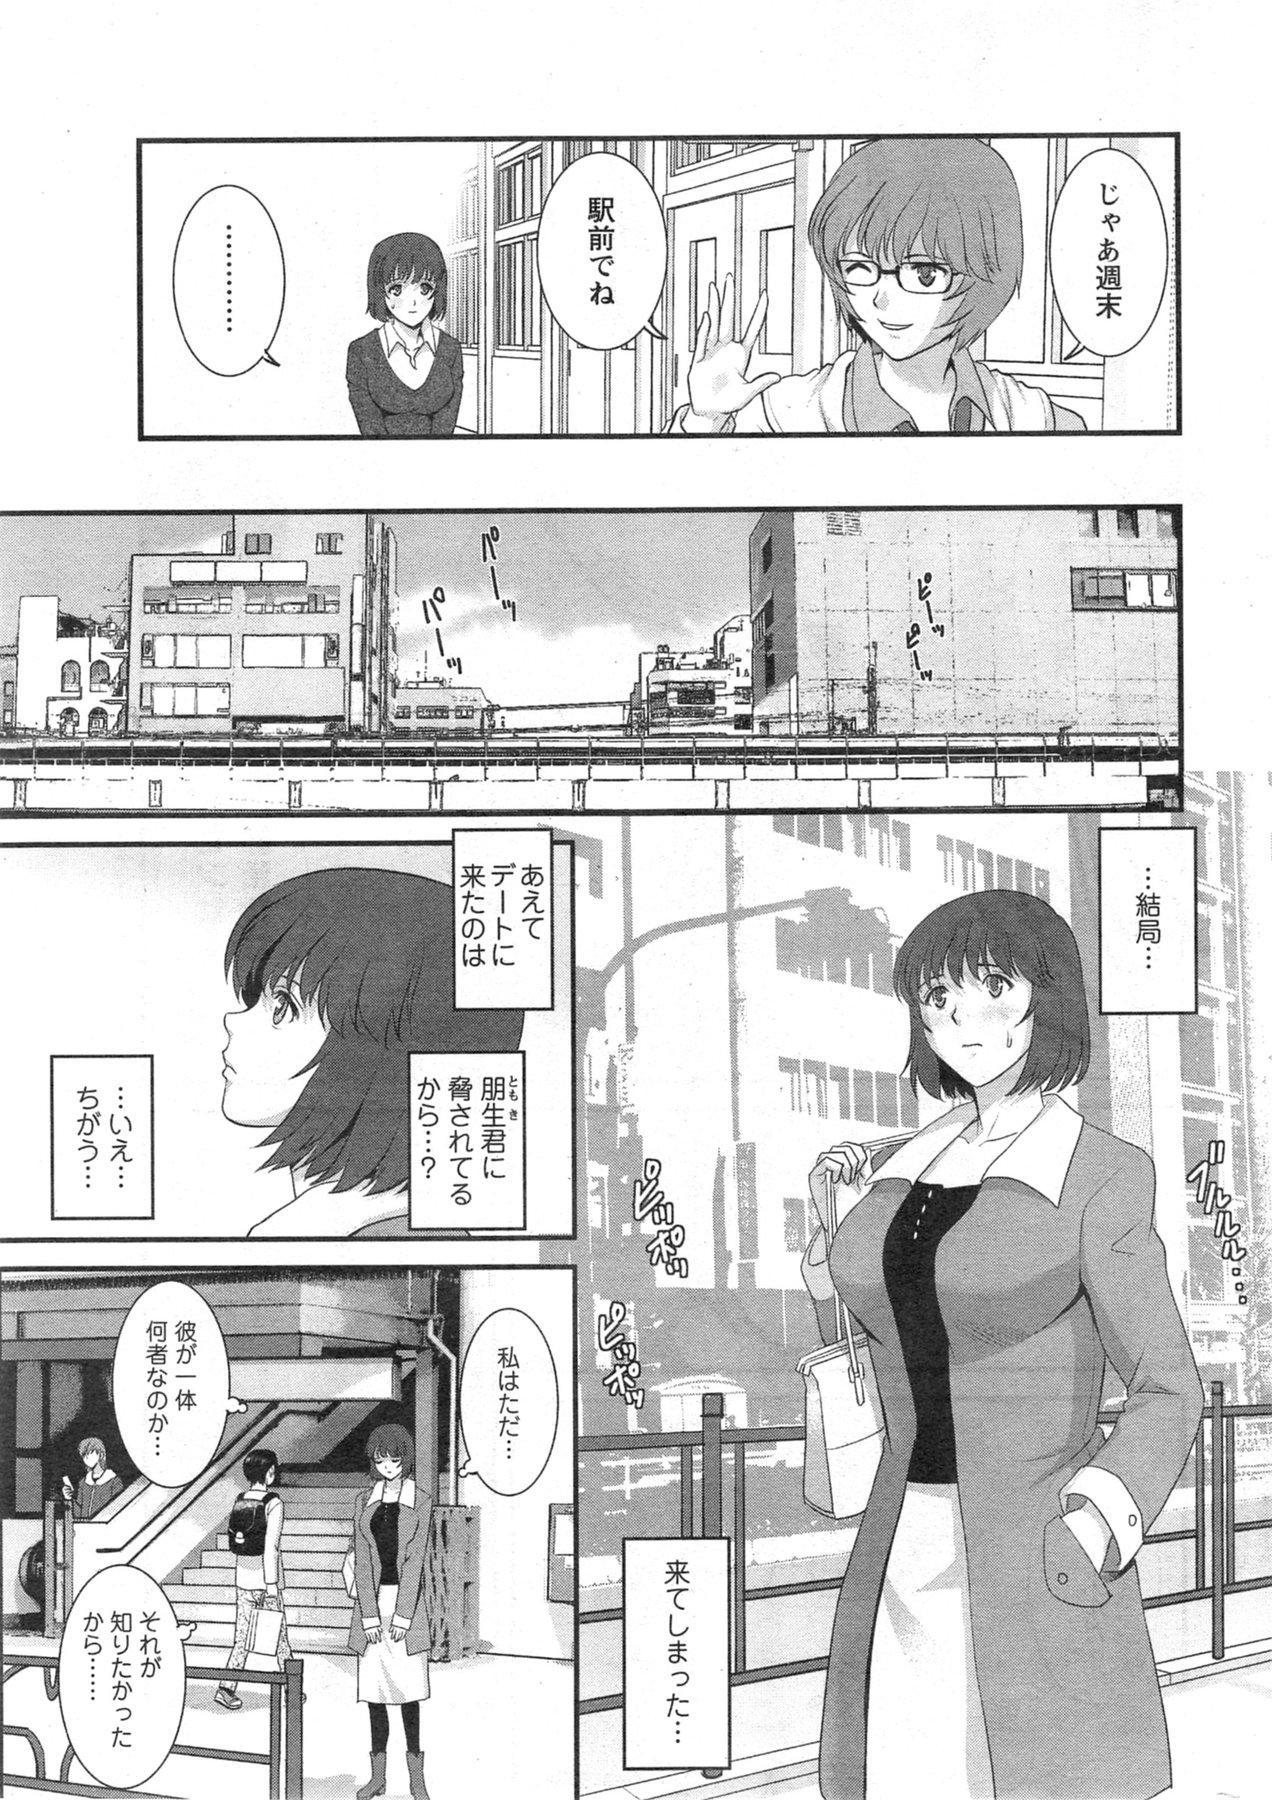 [Saigado] Hitozuma Jokyoushi Main-san Ch.01-10 46